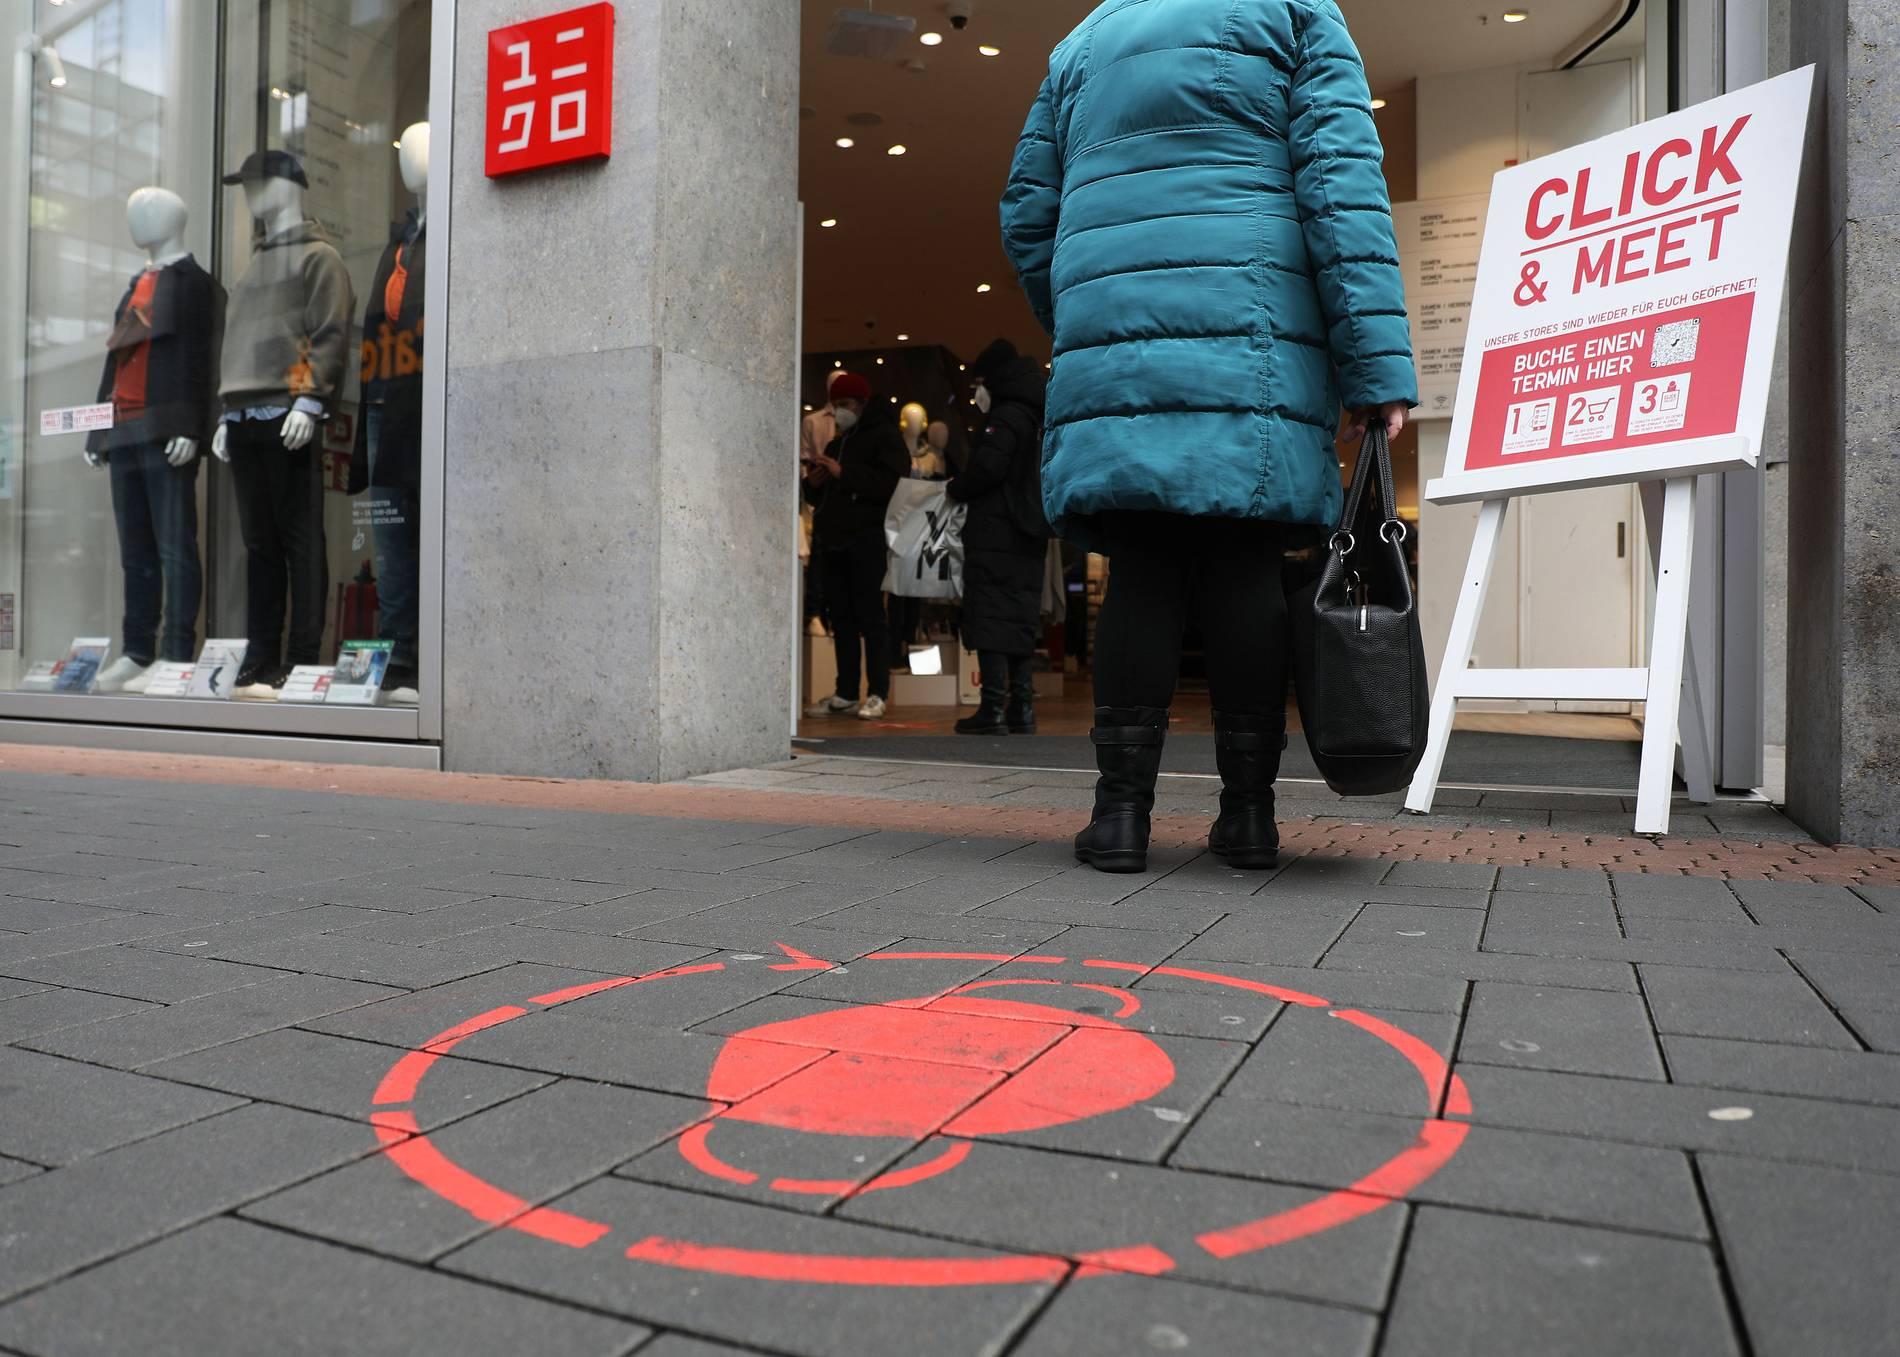 NRW: Gericht kippt Beschränkungen im Einzelhandel sofort